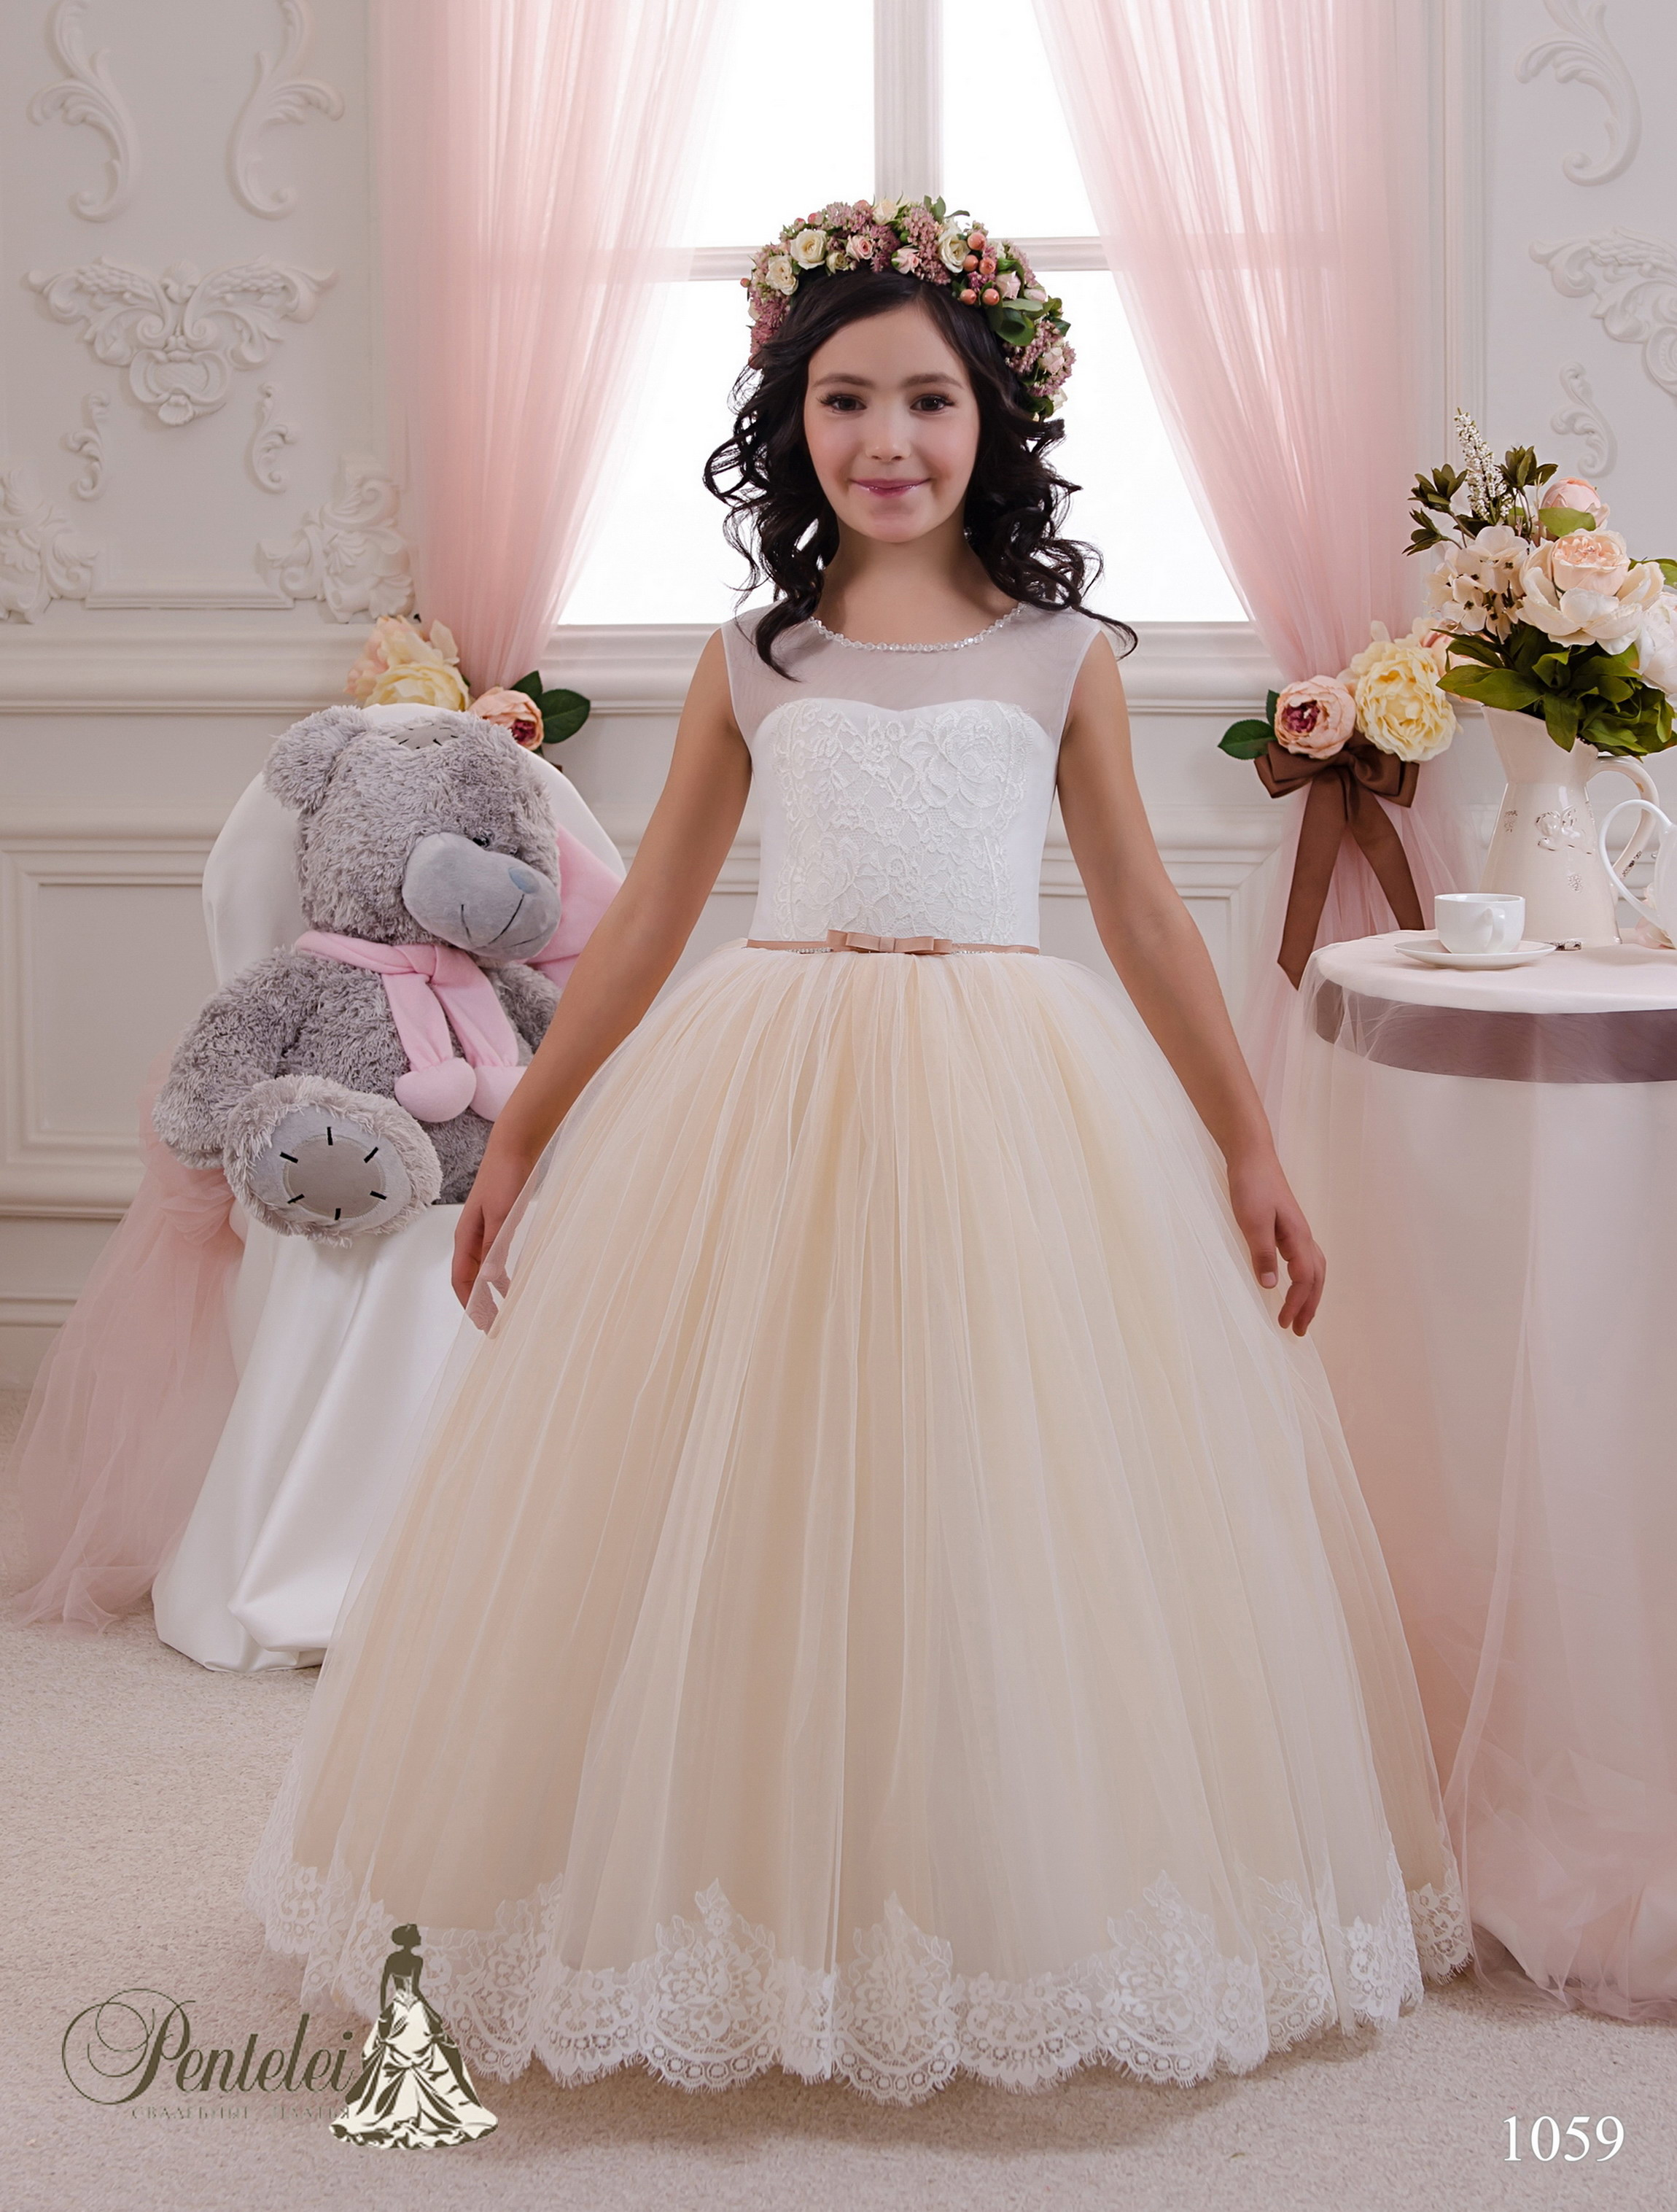 1059 | Купить детские платья оптом от Pentelei